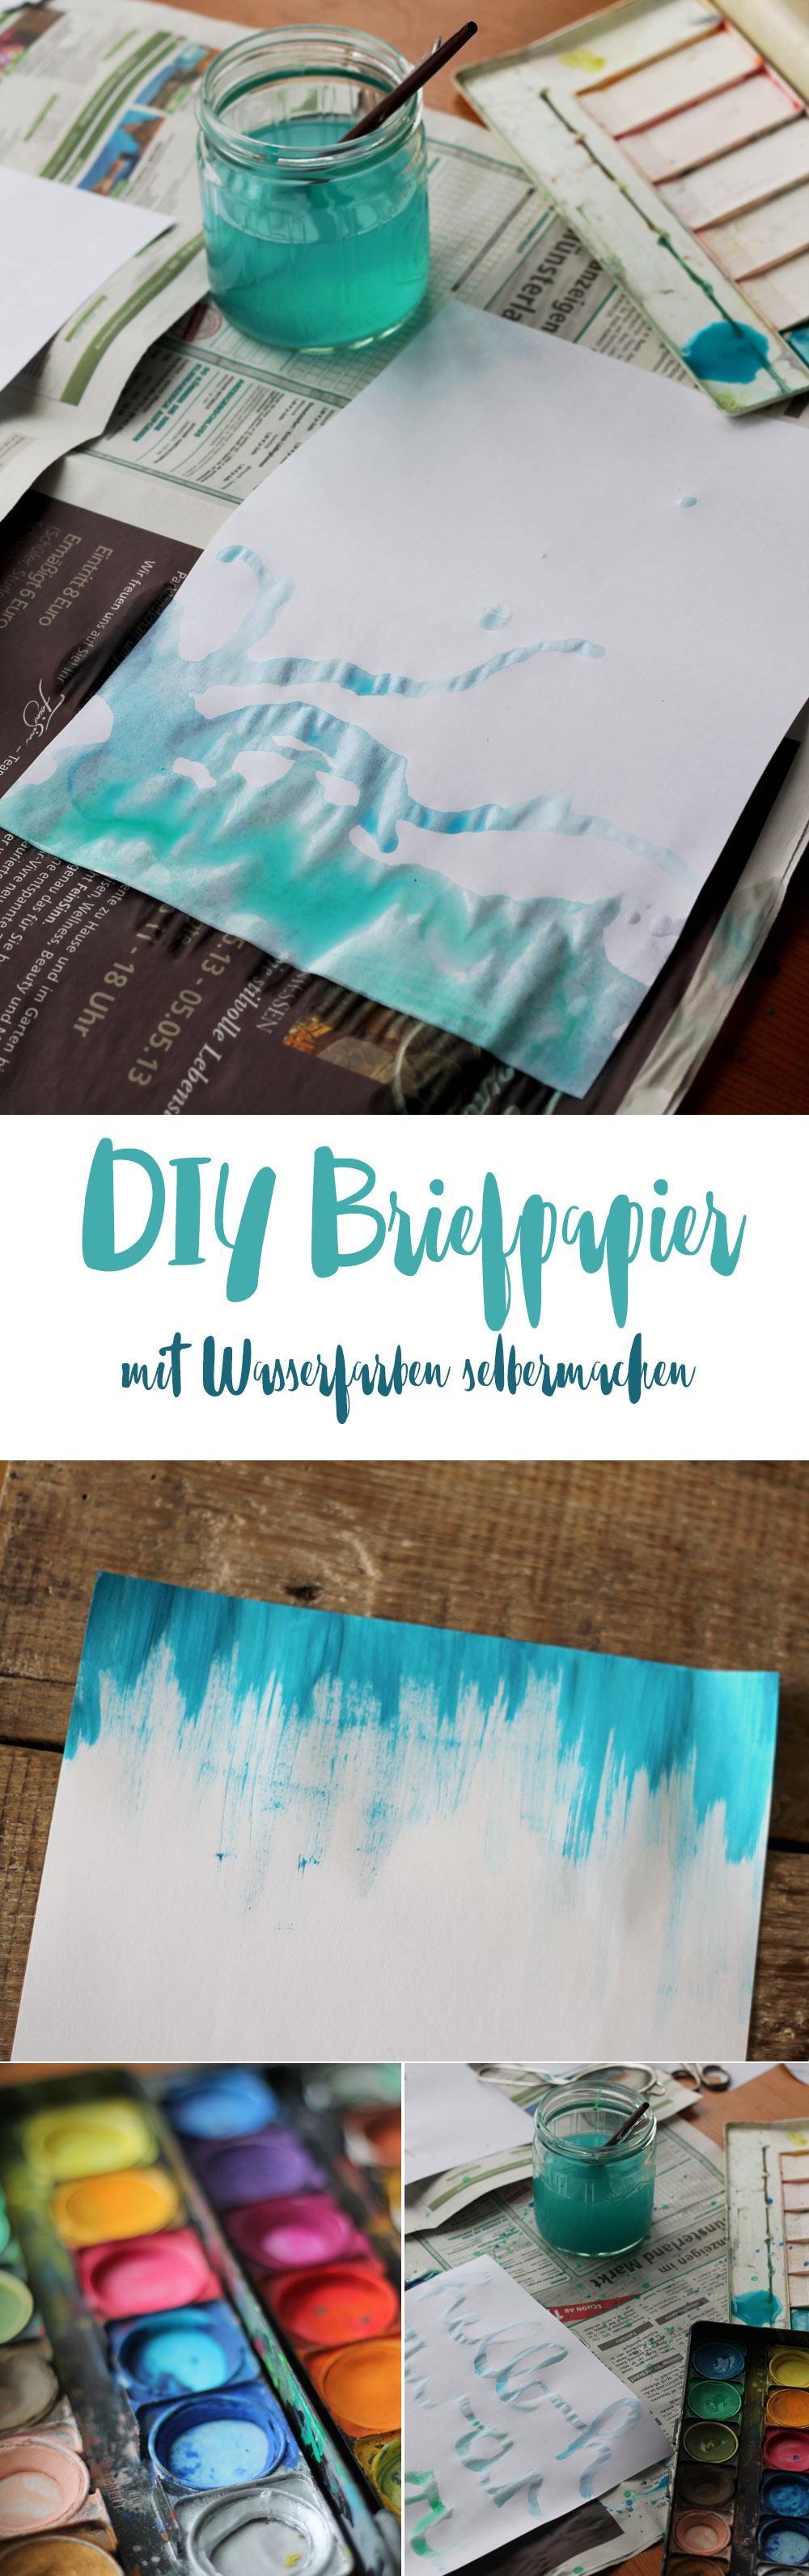 diy briefpapier selbermachen ideen mit wasserfarbe diy papier briefpapier selbermachen. Black Bedroom Furniture Sets. Home Design Ideas